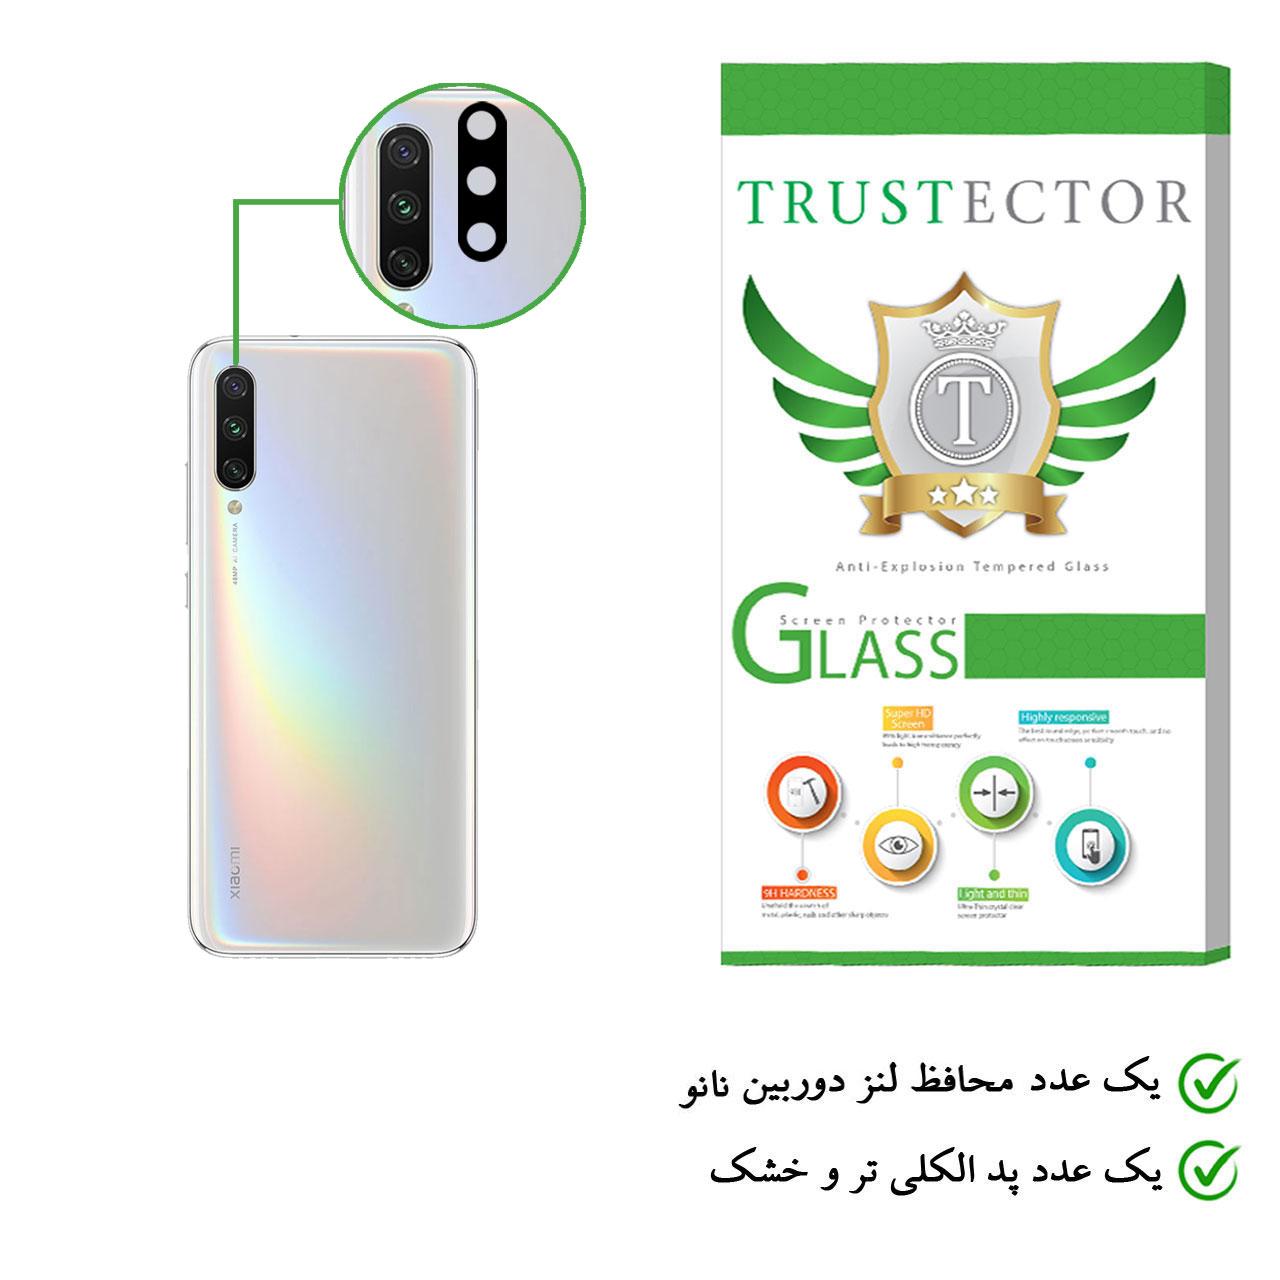 محافظ لنز دوربین نانو تراستکتور مدل TBL مناسب برای گوشی موبایل شیائومی Mi CC9